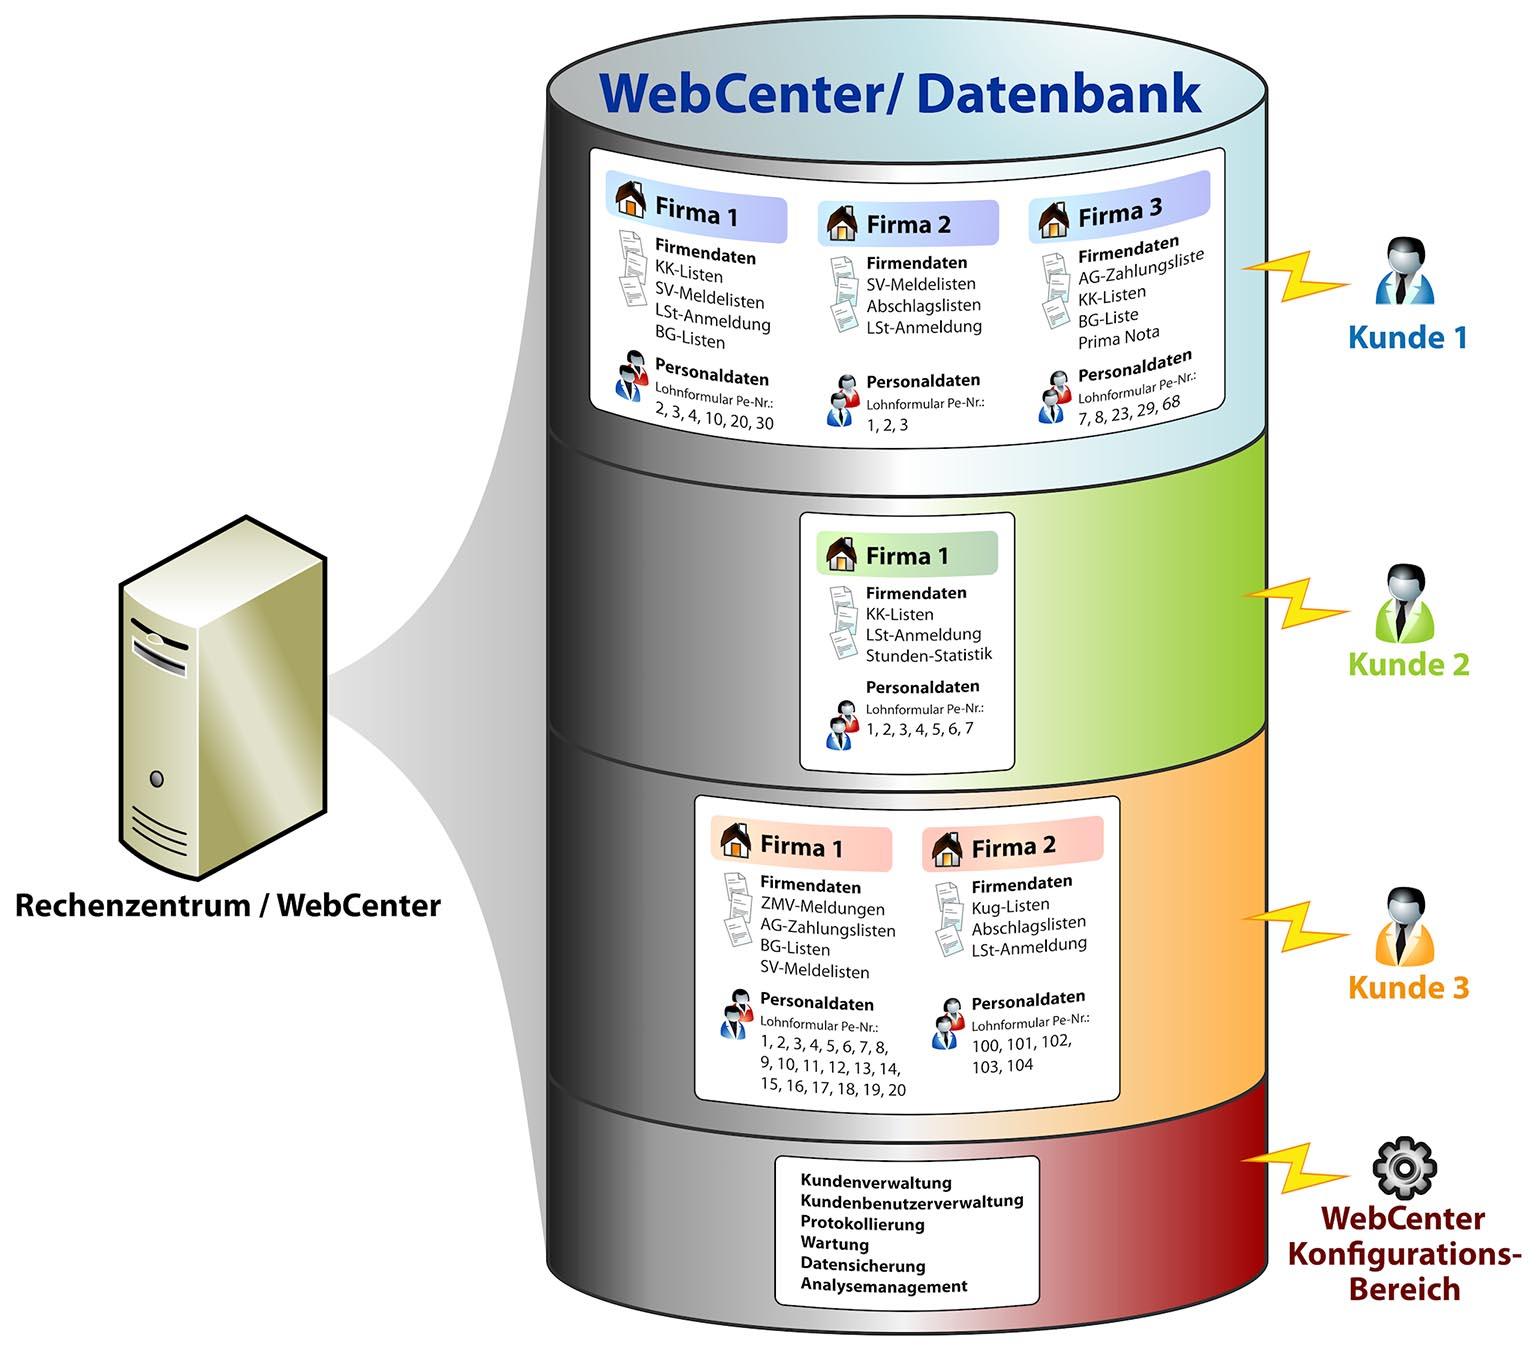 grafik 2 webcenter